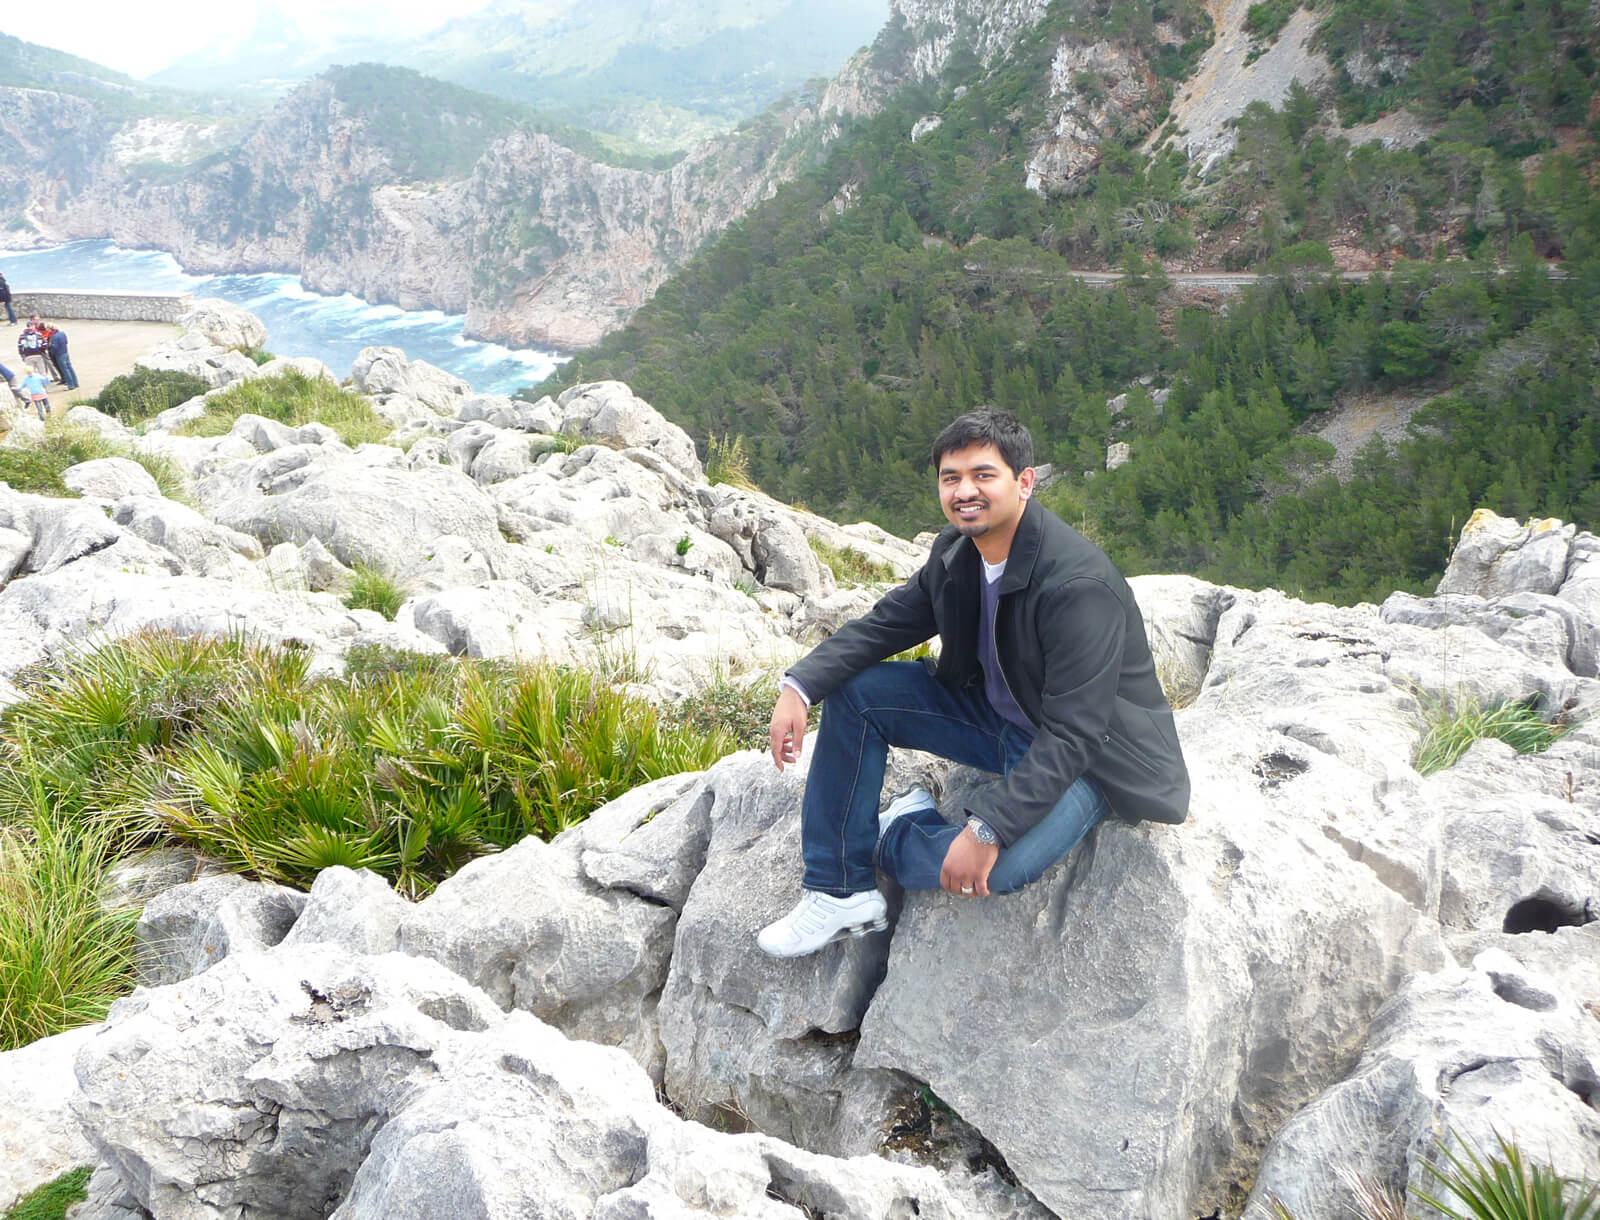 Mubasher Anwar auf anspruchsvollem Terrain